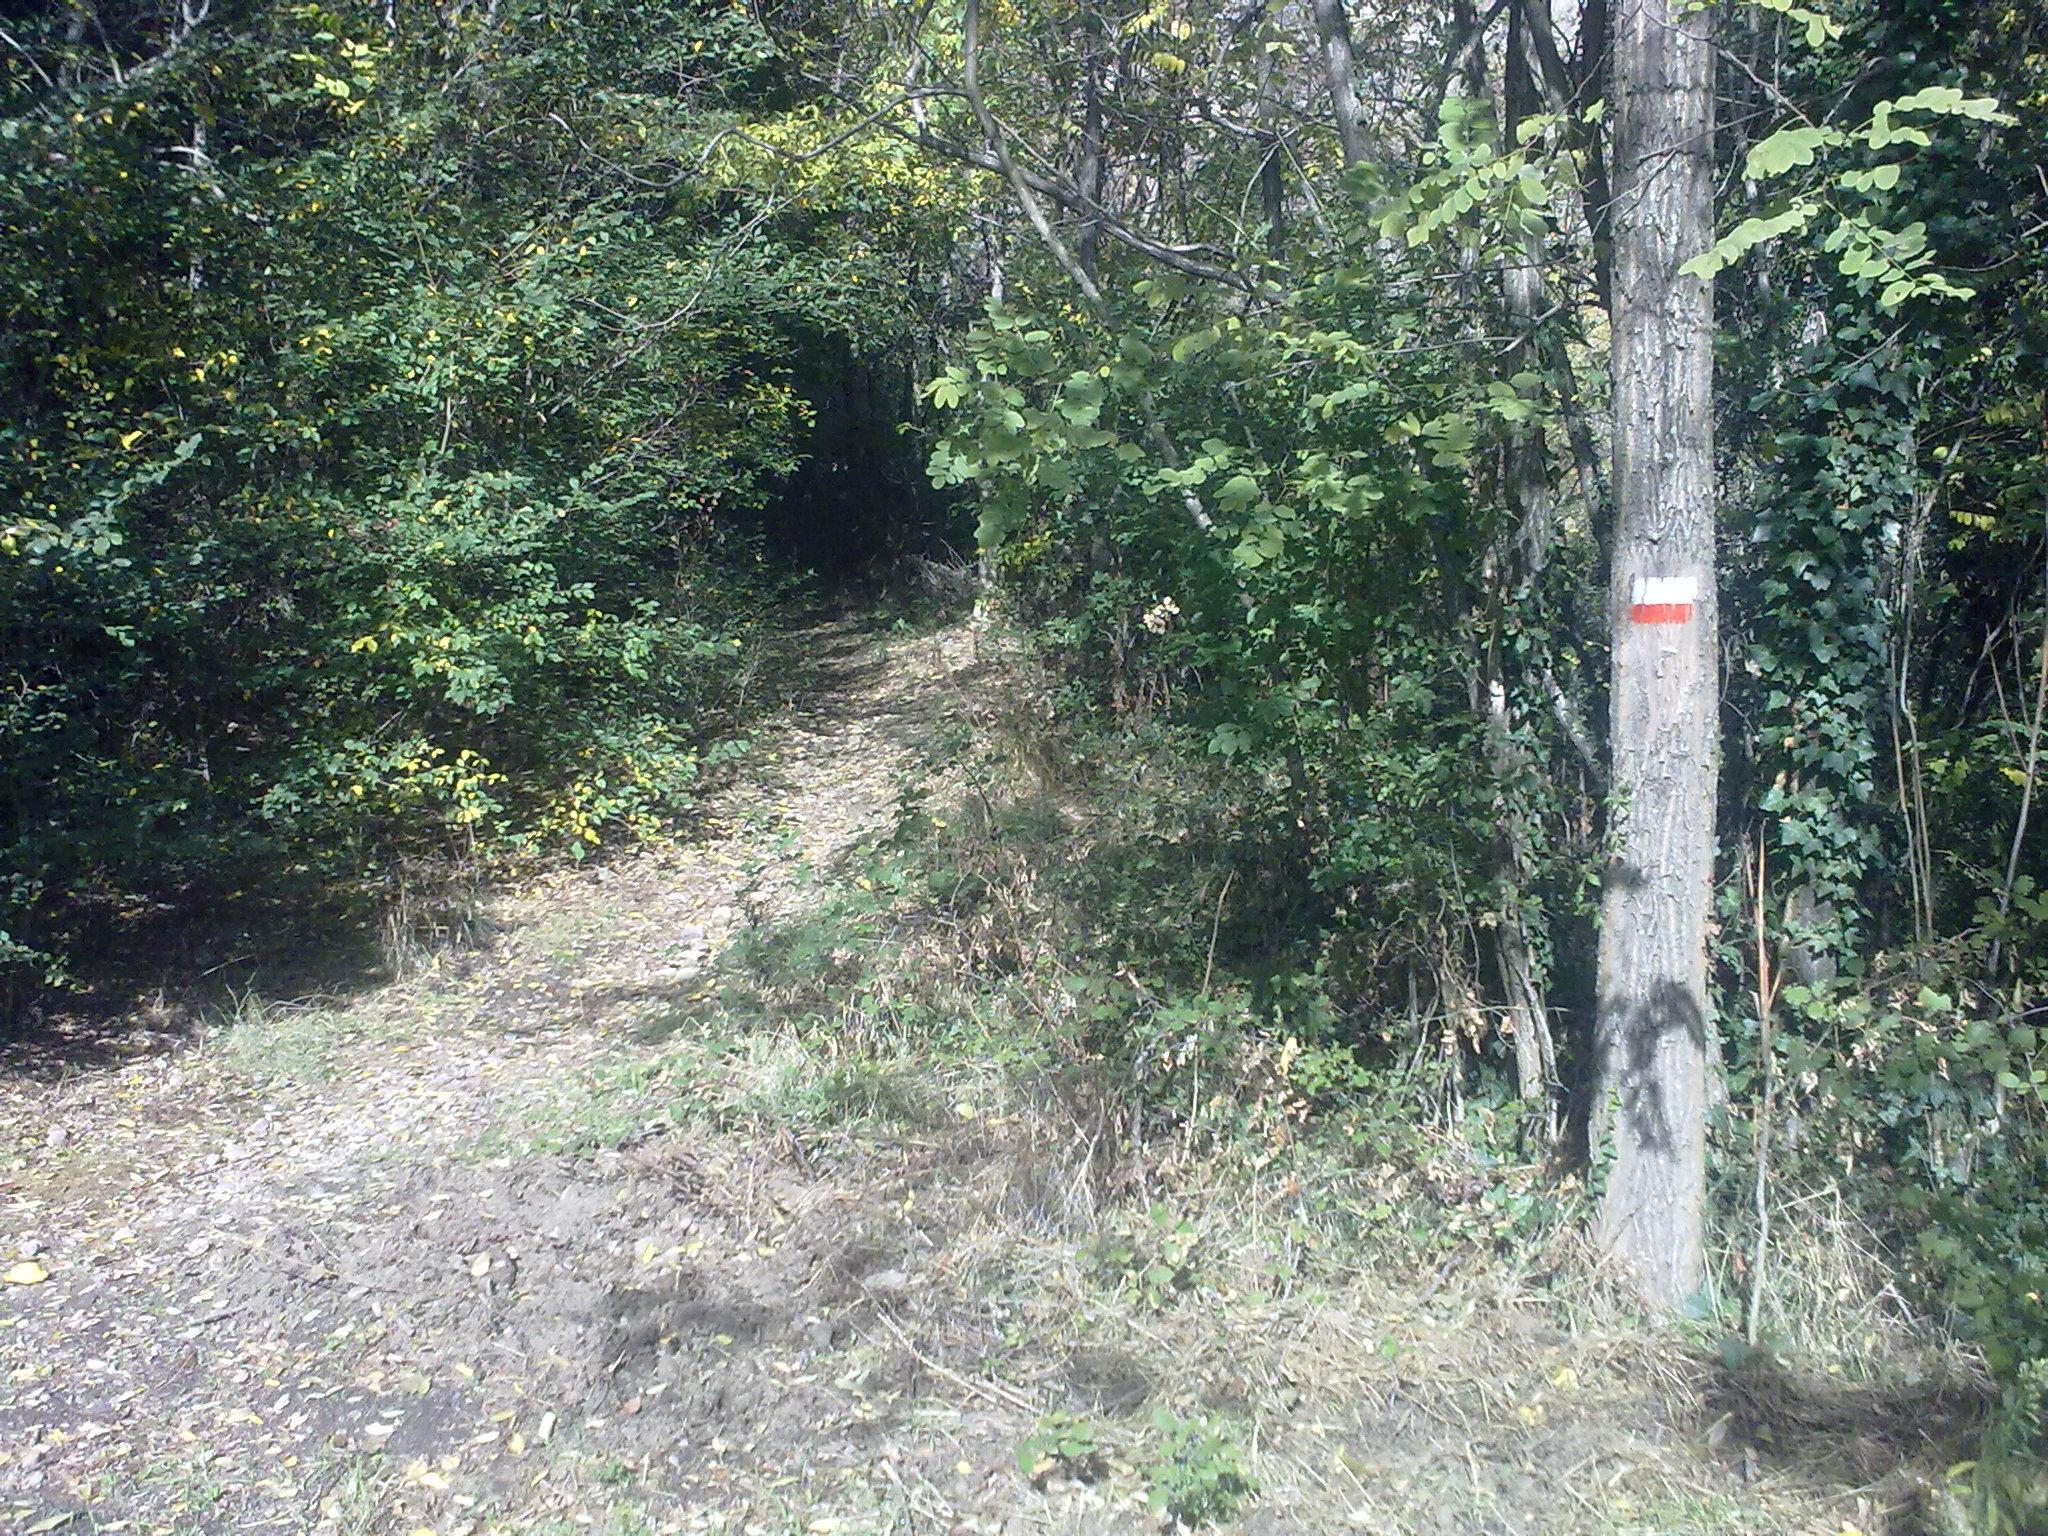 Bivio tra il sentiero CAI n.7 e la strada sterrata che conduce alla proprietà privata della Fattoria di Maiano (di Giuliana Profeti)